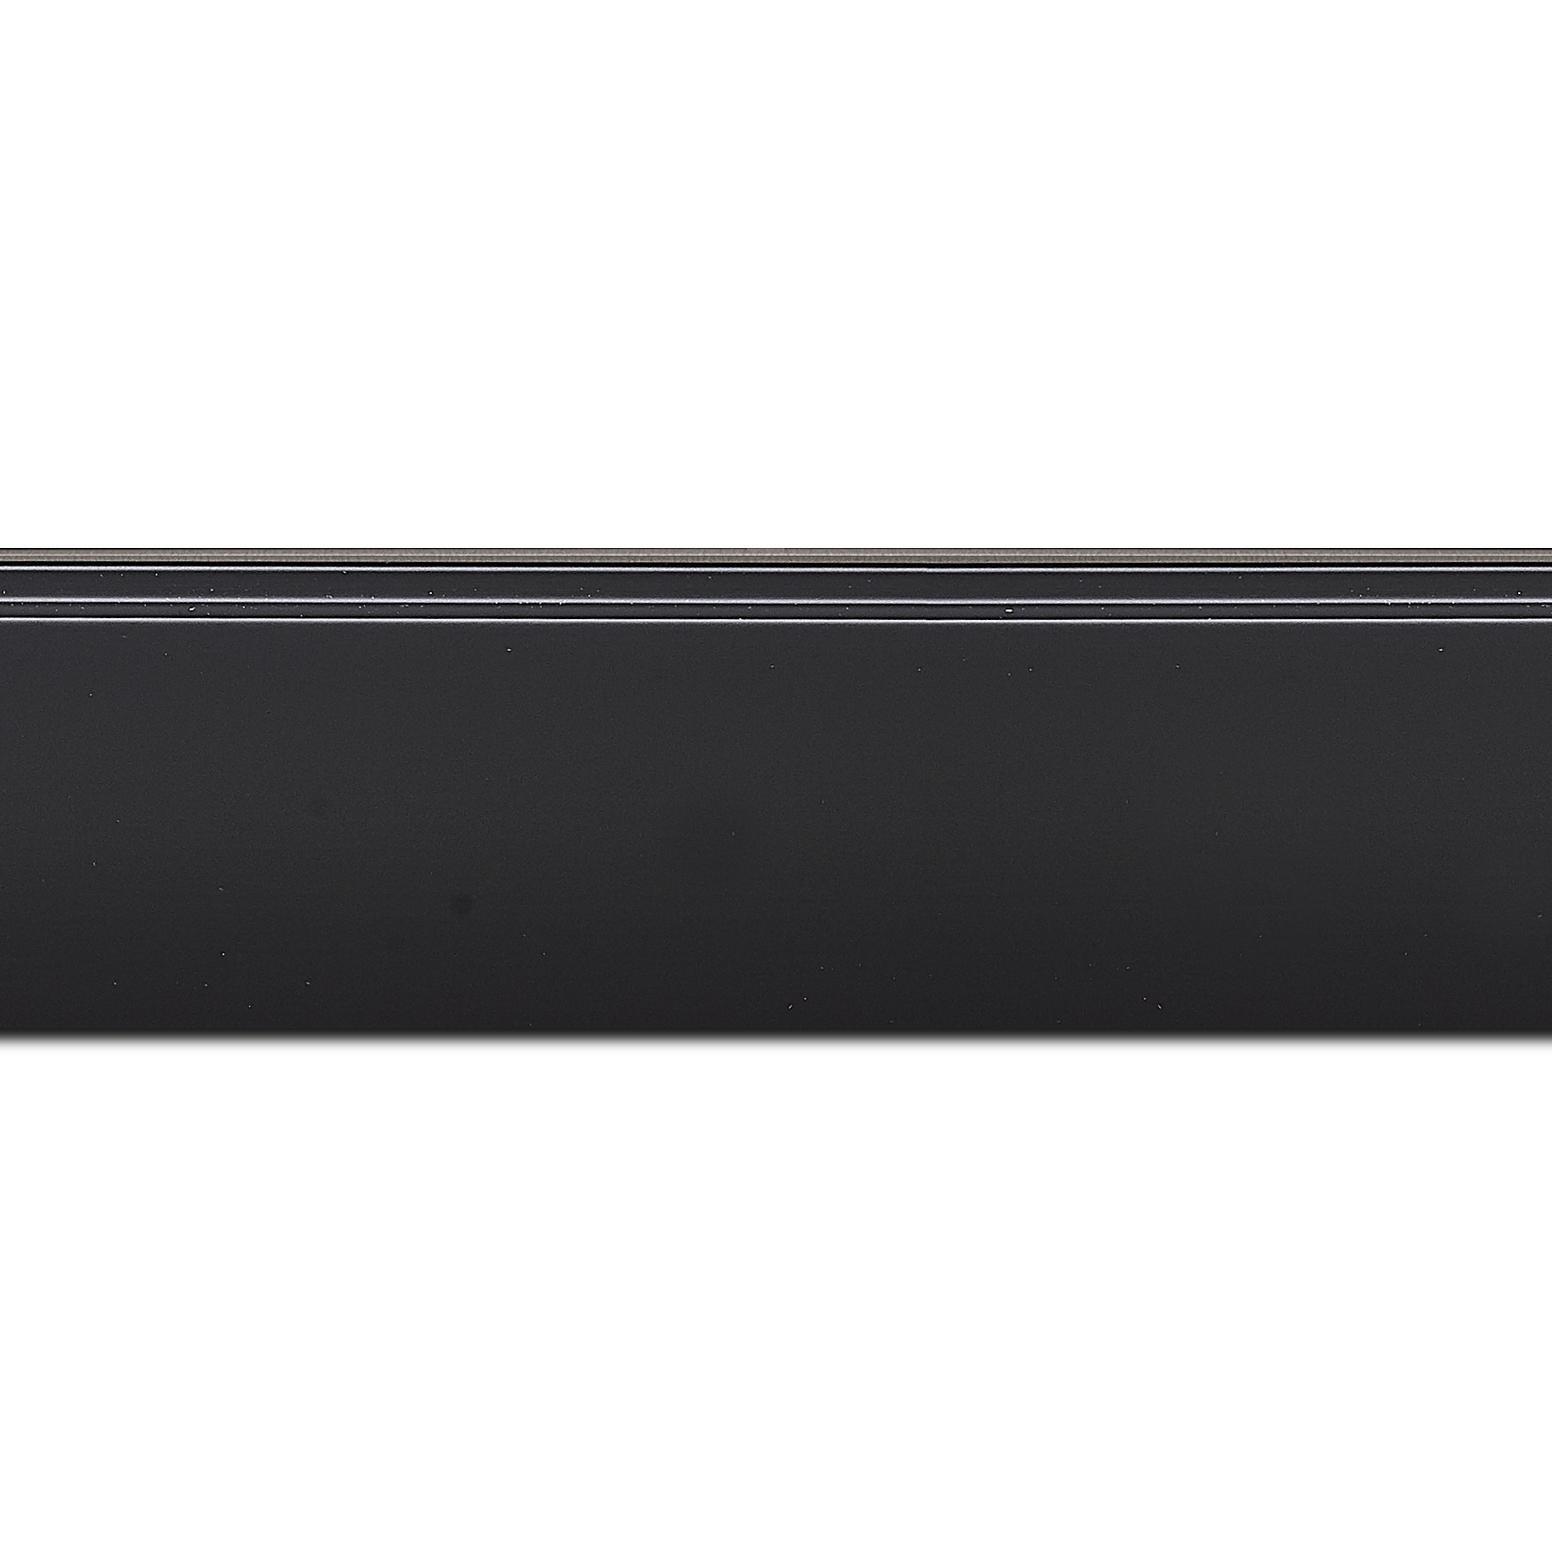 Pack par 12m, bois profil en pente méplat largeur 4.8cm couleur noir mat surligné par une gorge extérieure noire : originalité et élégance assurée (longueur baguette pouvant varier entre 2.40m et 3m selon arrivage des bois)